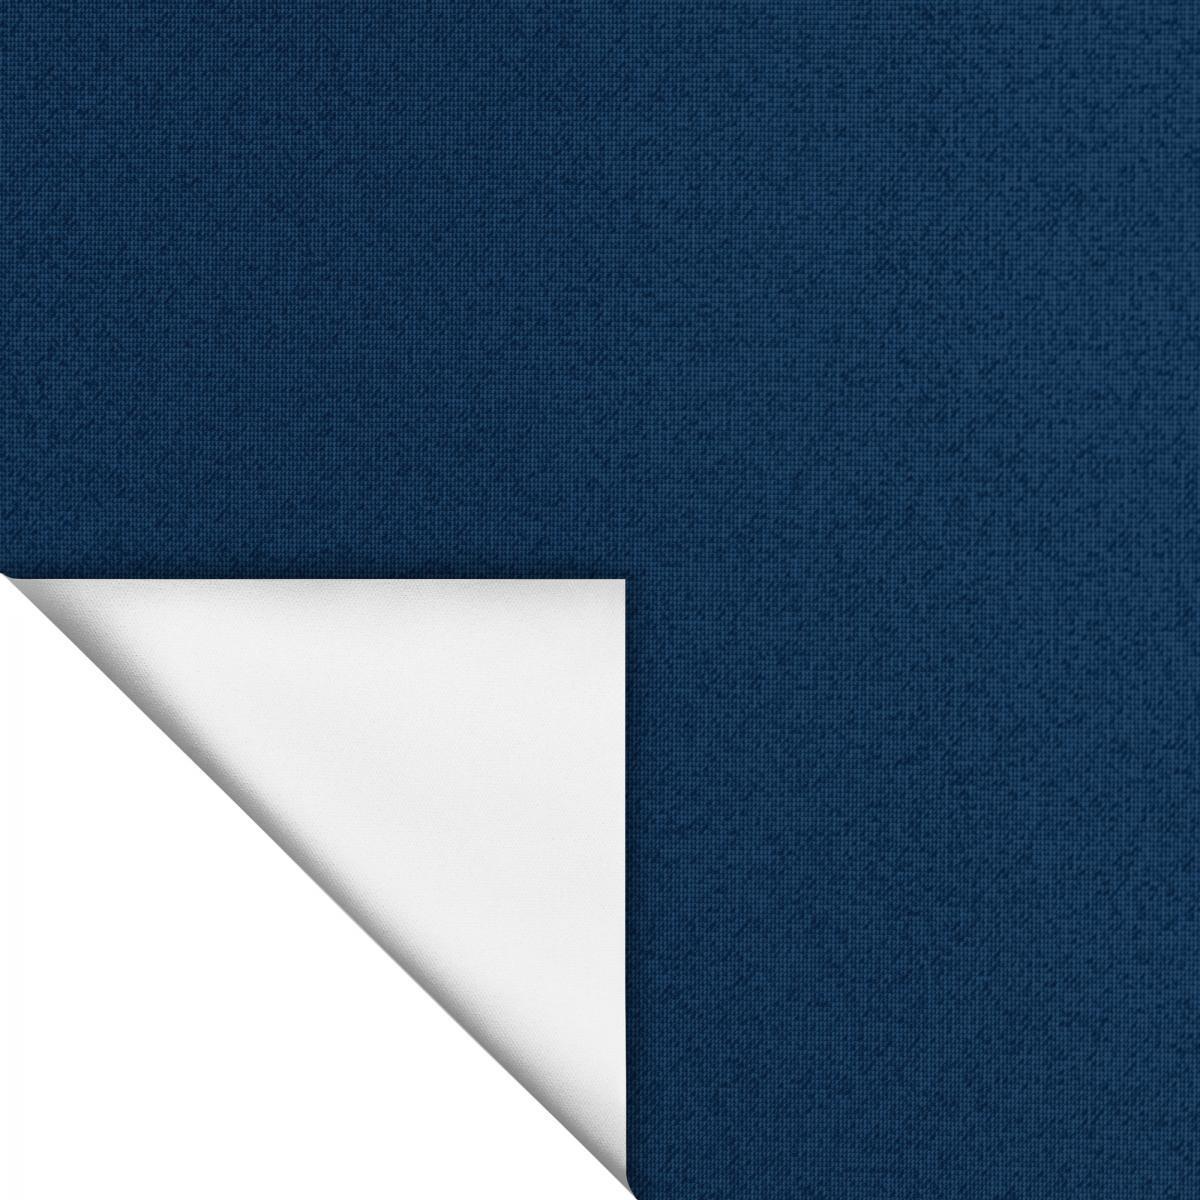 Bild 4 von Lichtblick Dachfenster Sonnenschutz Haftfix, ohne Bohren, Verdunkelung, Blau, 36 cm x 71,5 cm (B x L